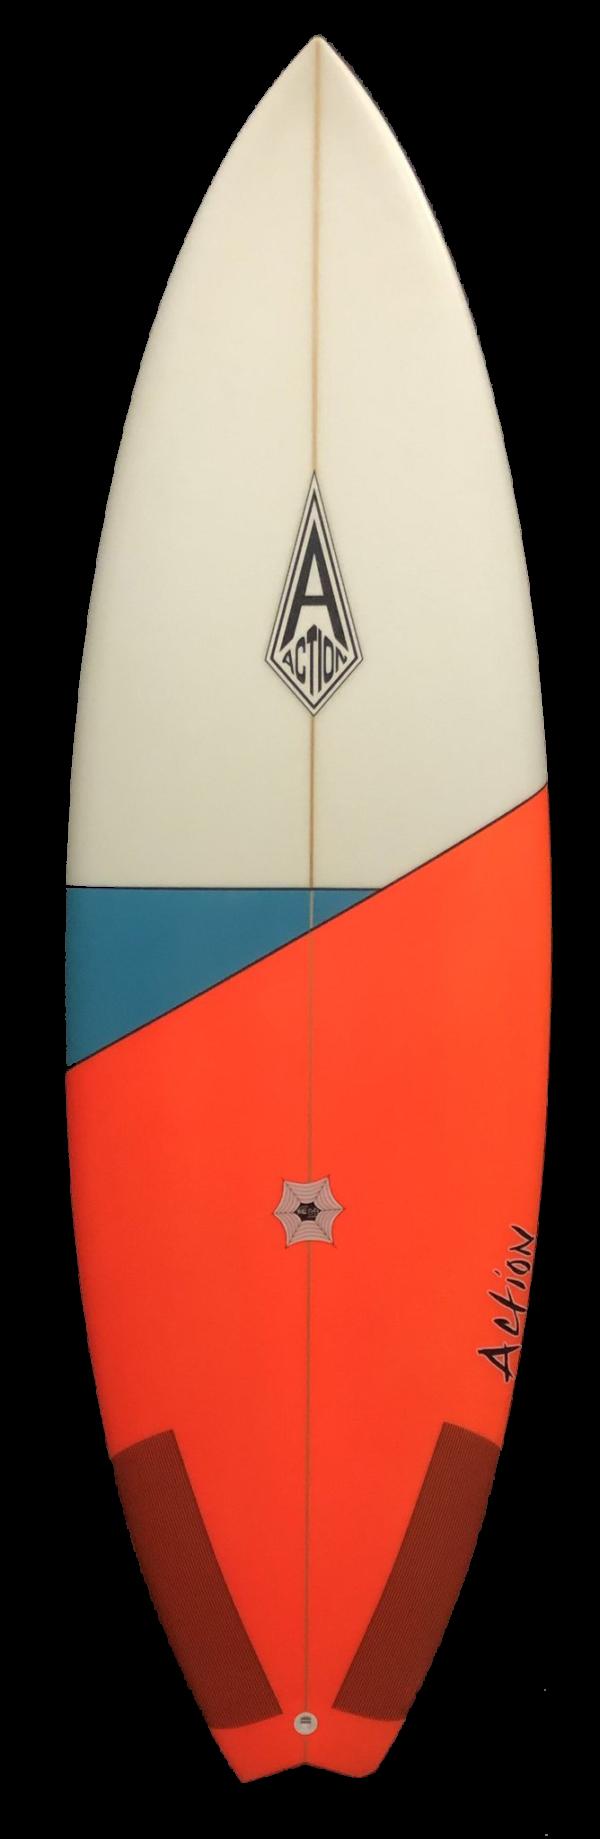 Action Surf Shop 4 Barrel Surfboard